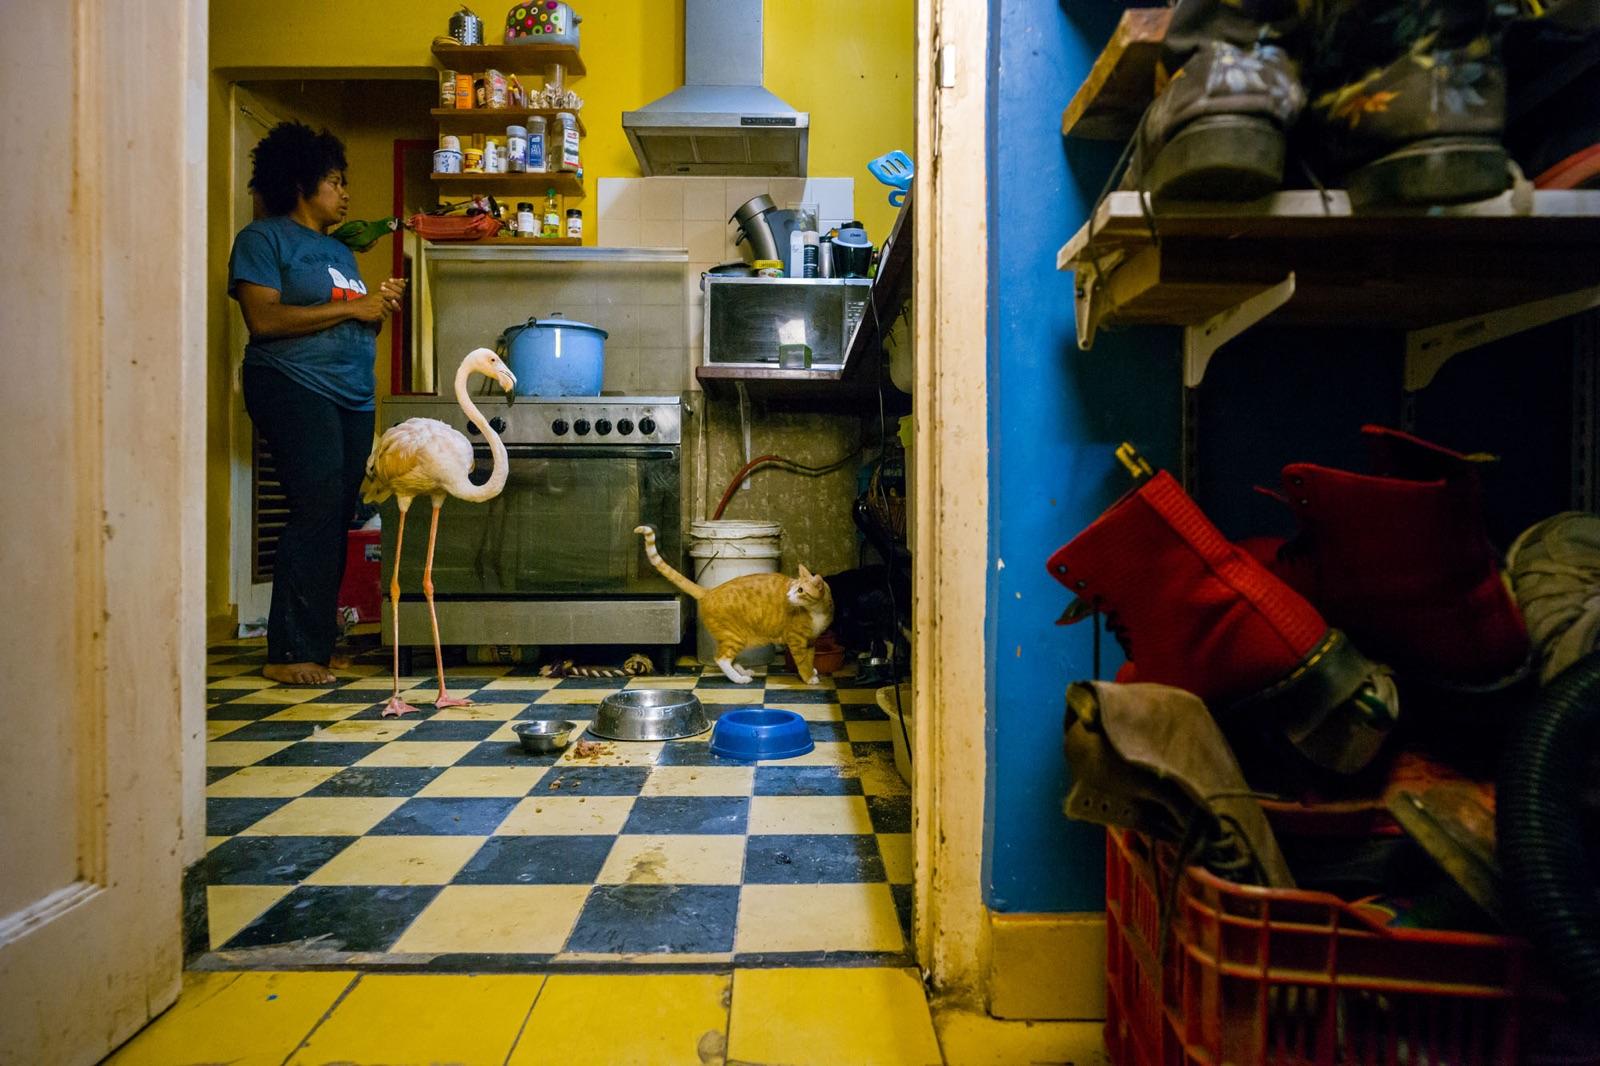 foto van een keuken met een vrouw en een flamingo erin, een opvanghuis voor gewonde dieren